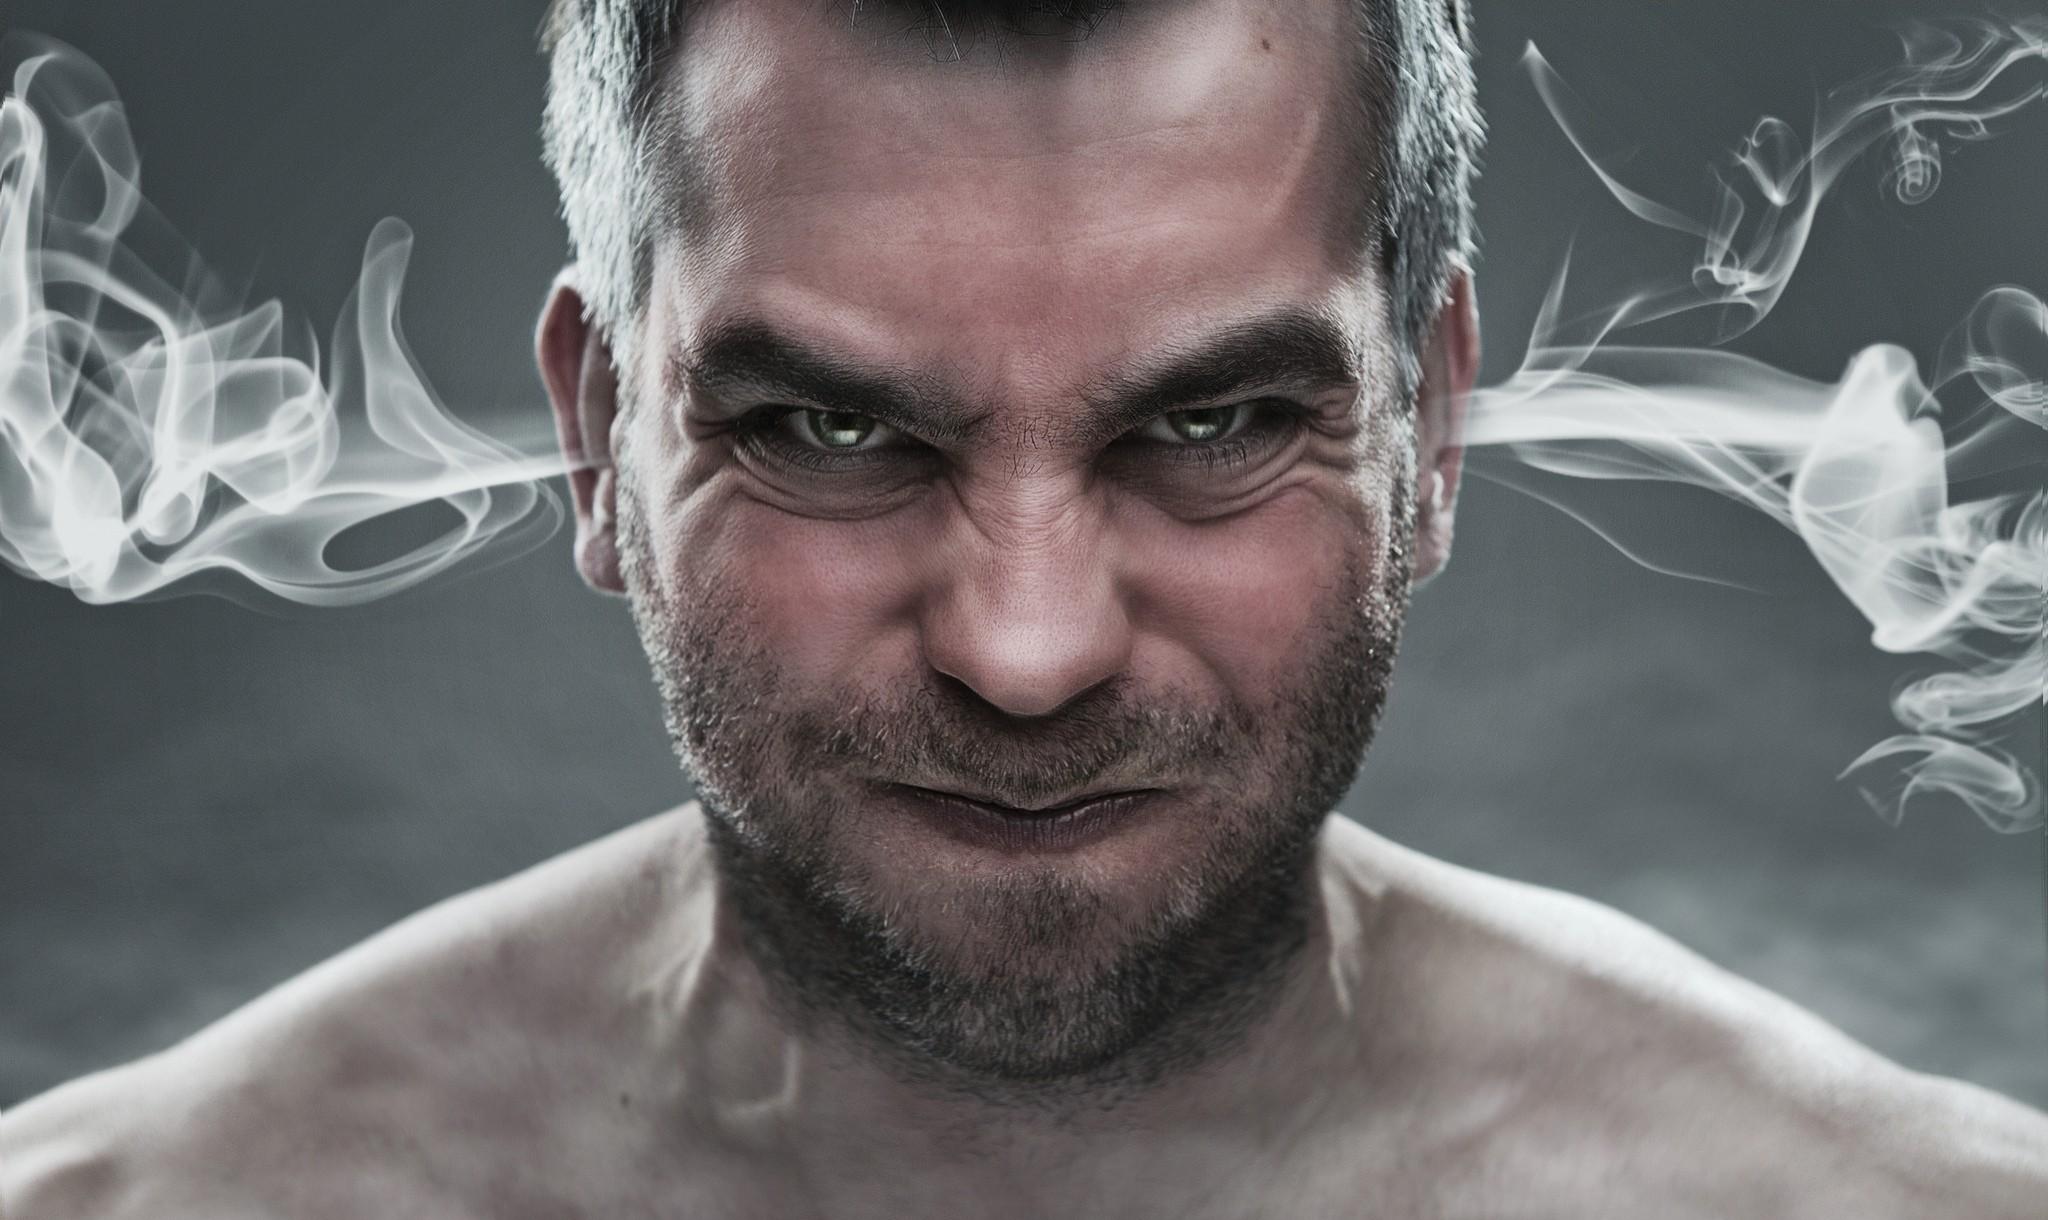 Злость - причины, виды, как избавиться от приступов злости